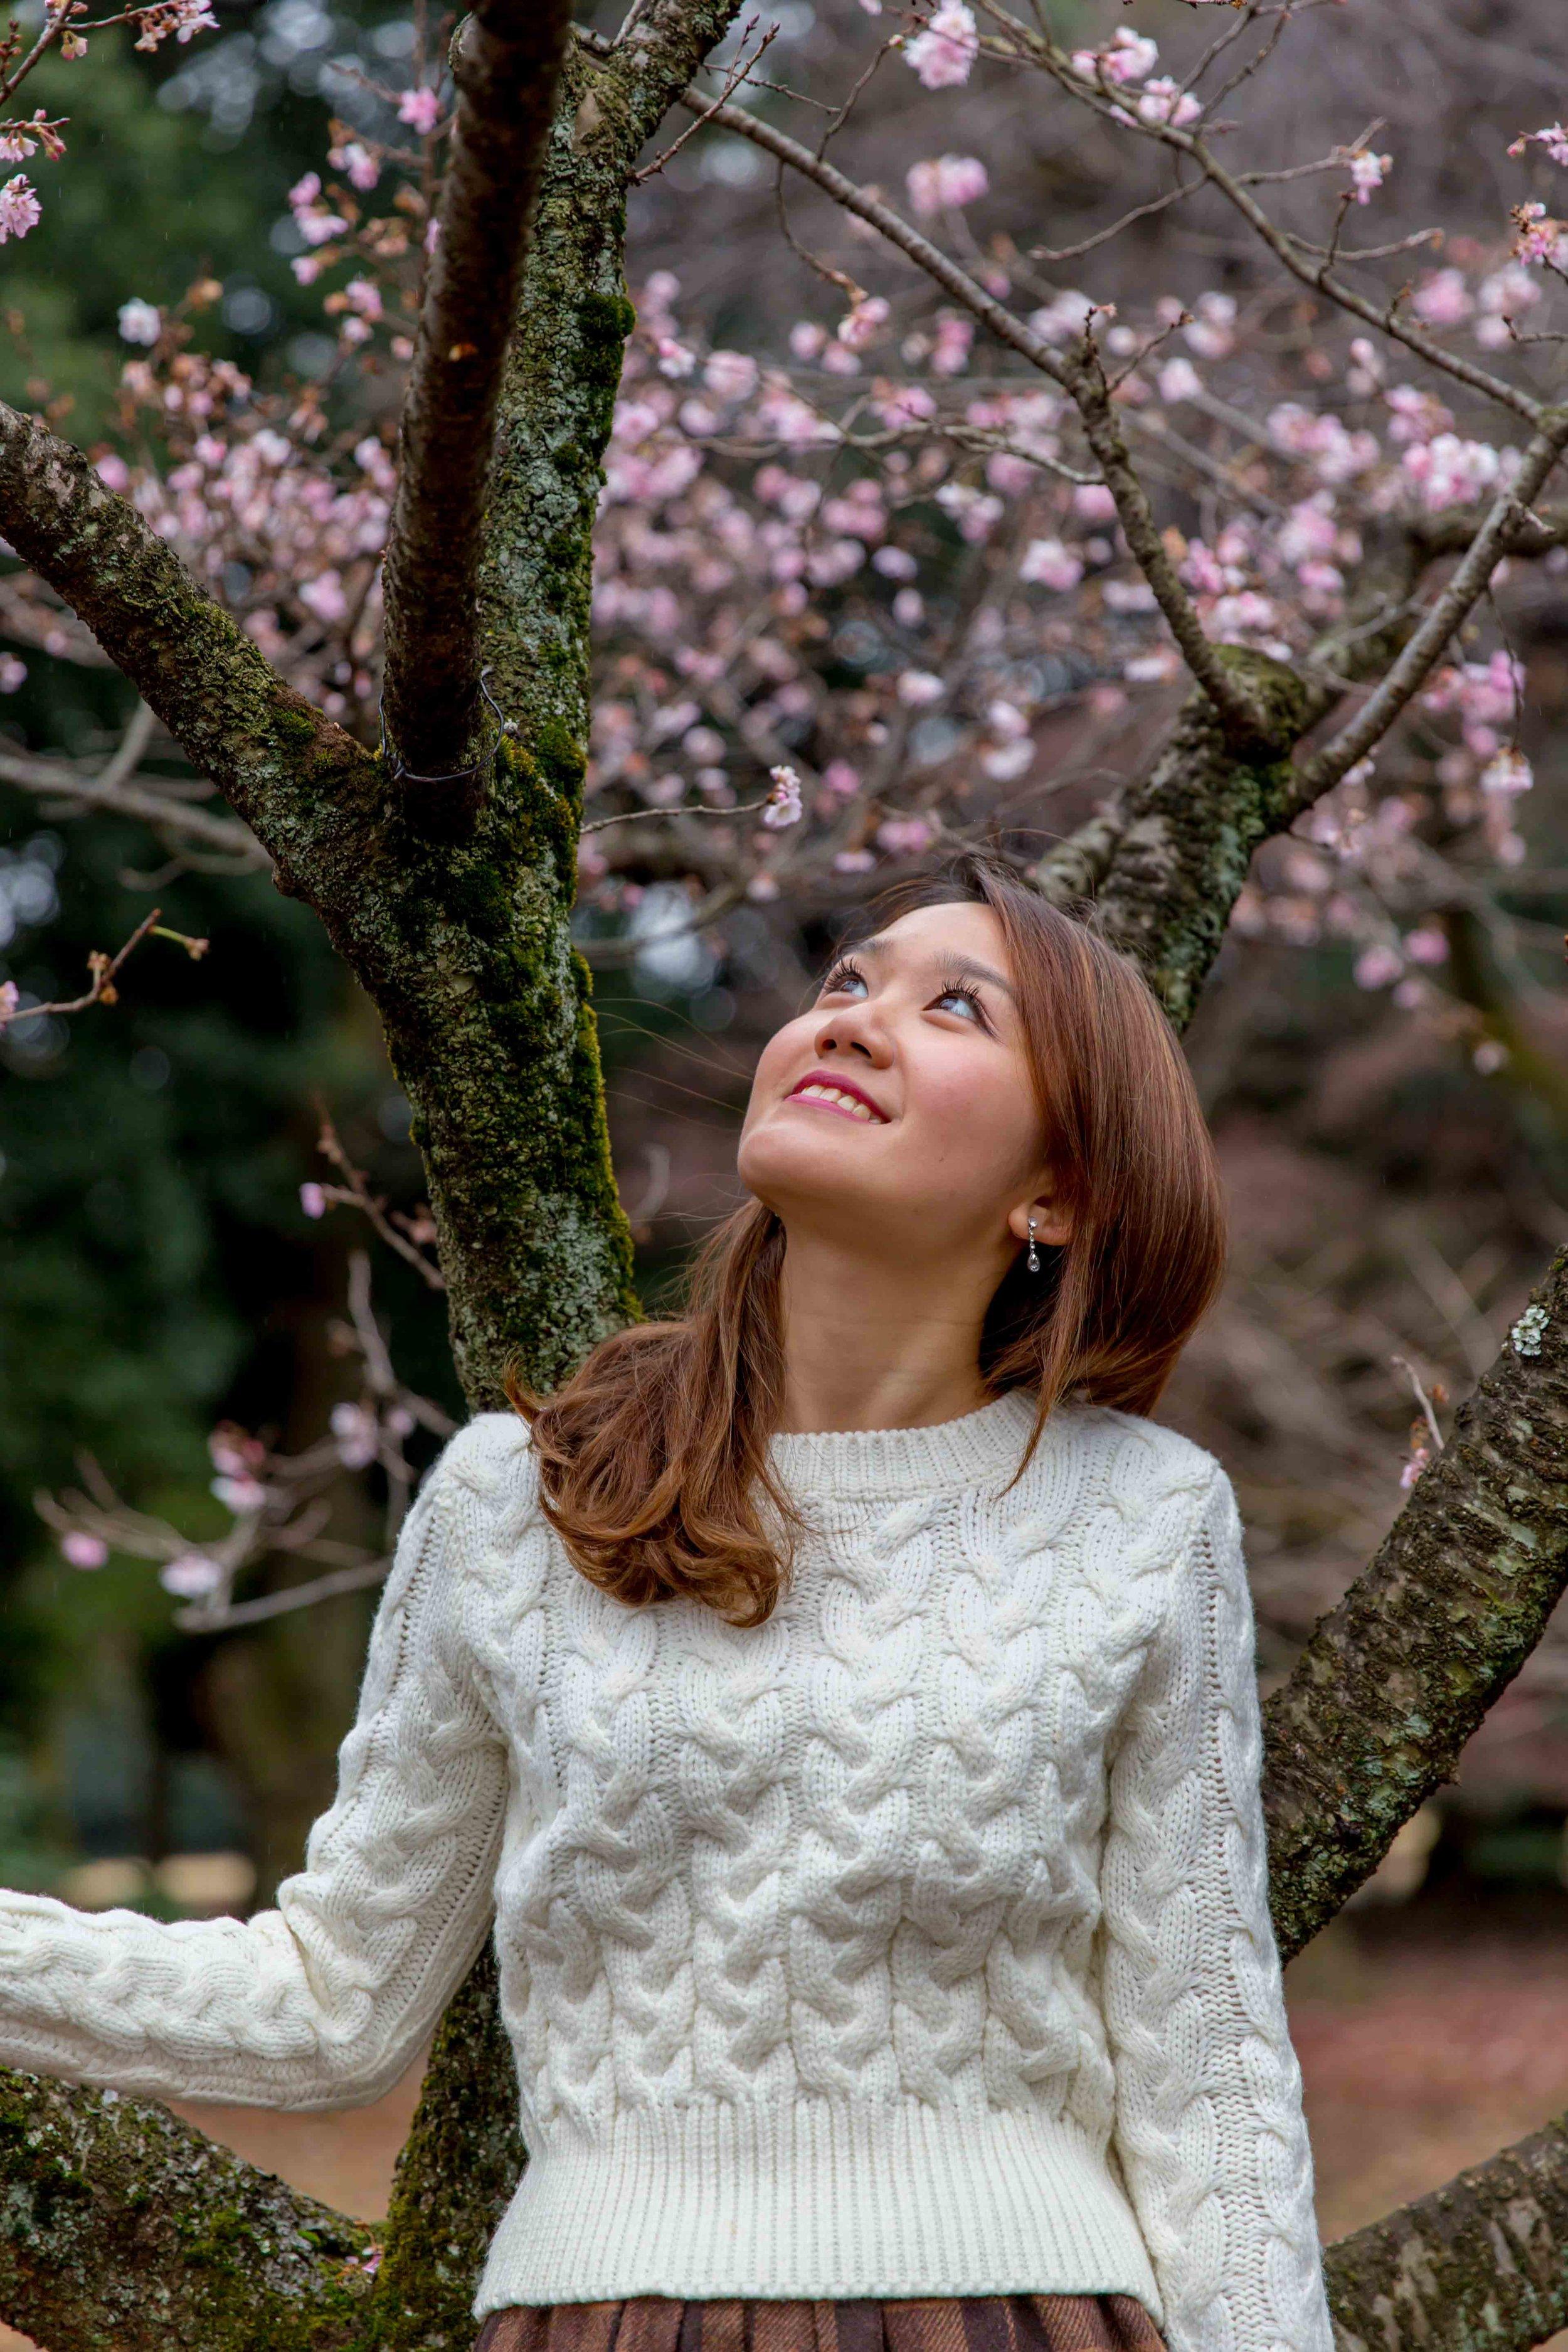 Sakura (cherry blossoms), Shinjuku Gyoen Park, Tokyo